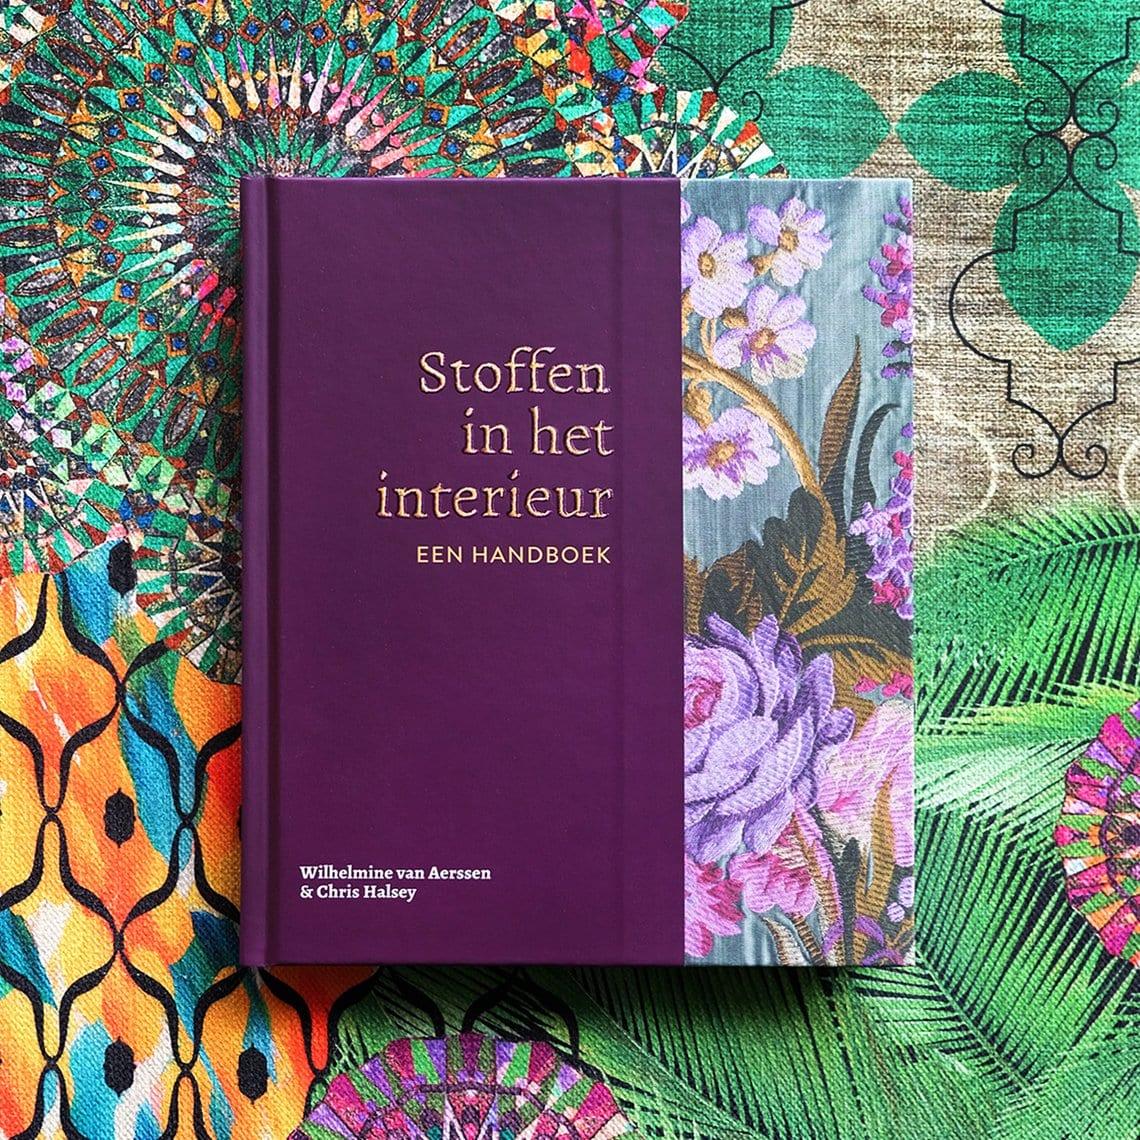 Boek geschreven door Wilhelmine van Aerssen, Stoffen in het interieur